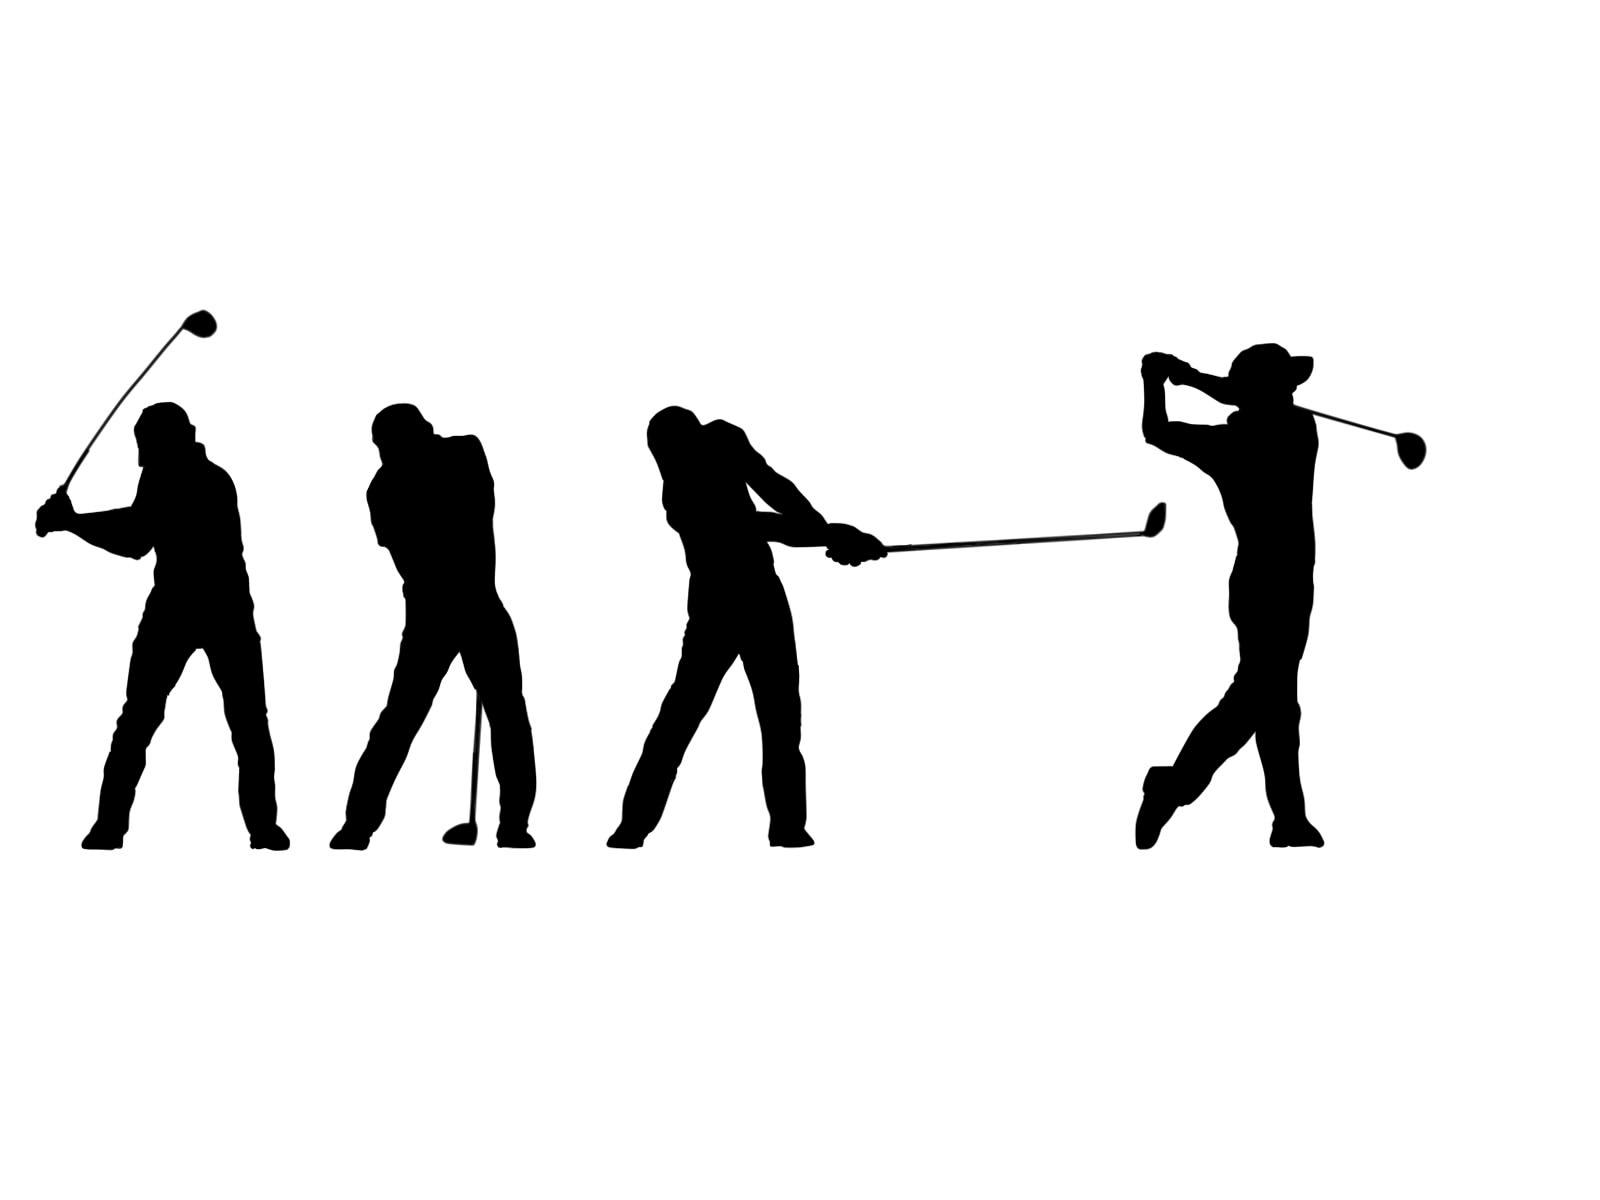 ゴルフスイングの定石、終始左手リードの方が球が曲がらない